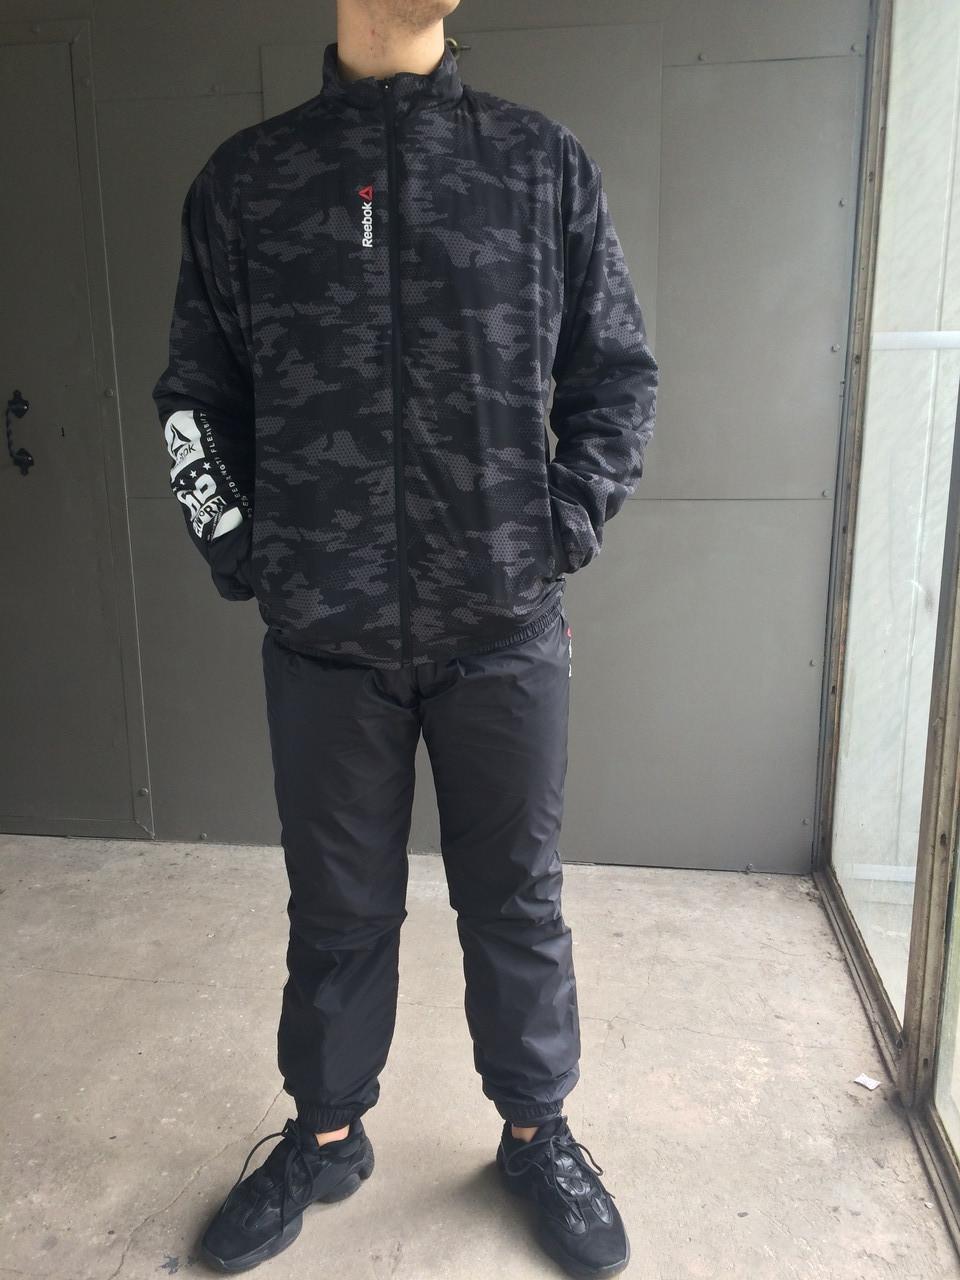 Мужской зимний спортивный костюм Reebok Crossfit.Черный с серым